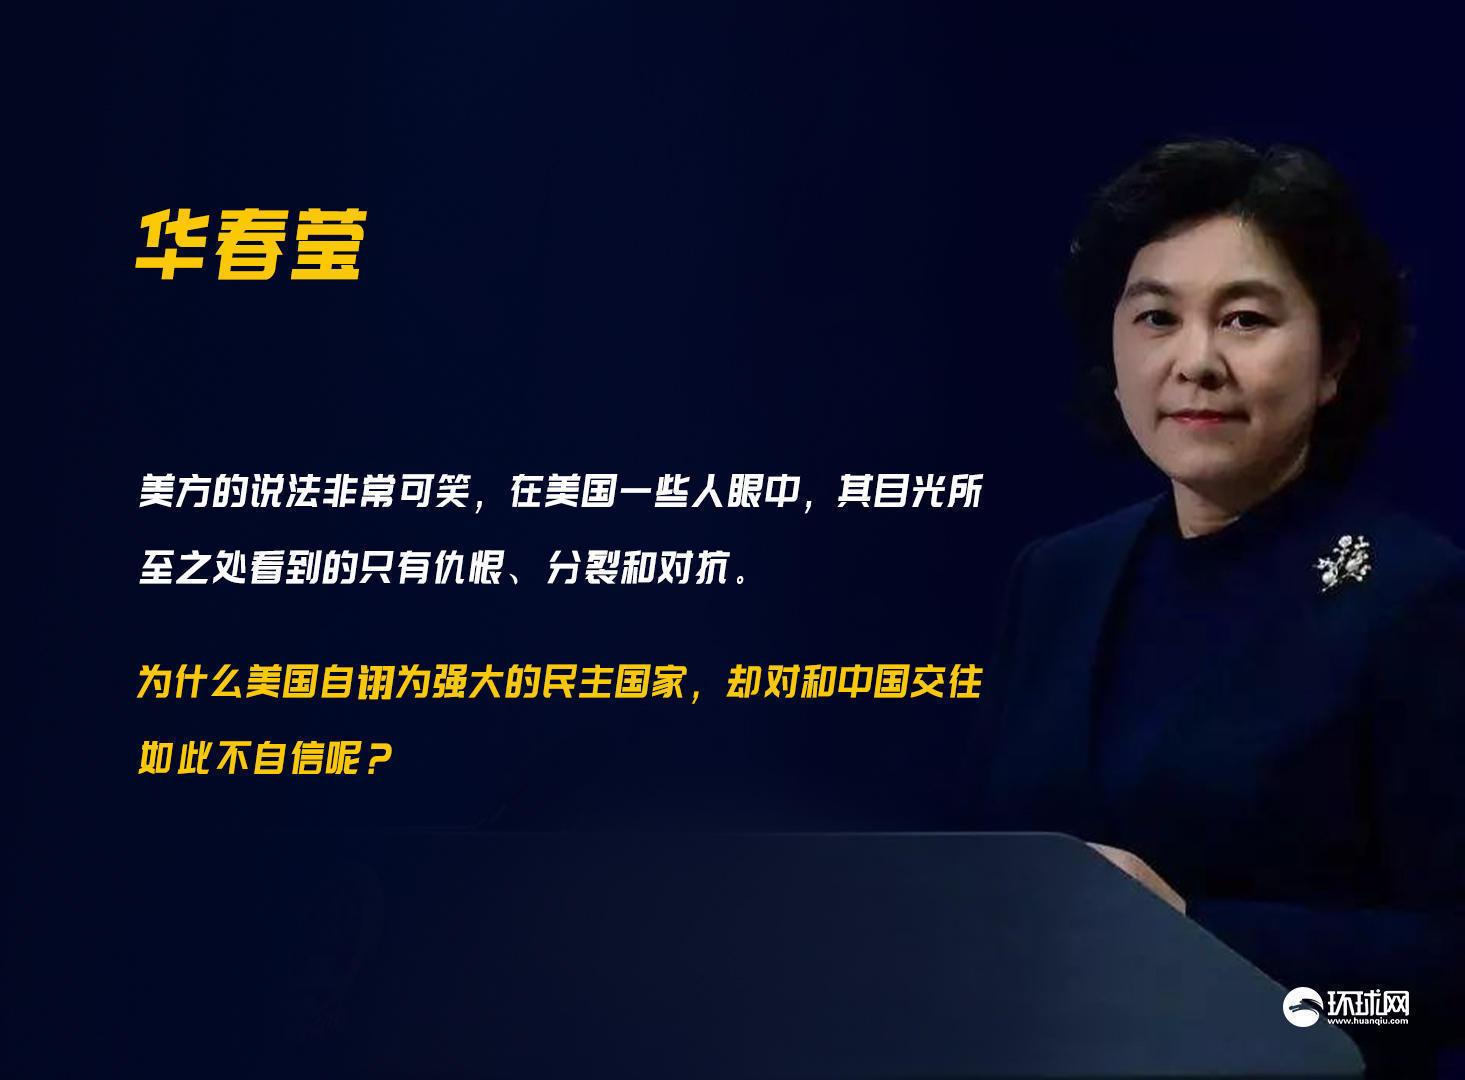 美官员称千余名中国研究人员离美,华春莹:自诩为强大民主国家,美国如此不自信?-搜狐新闻